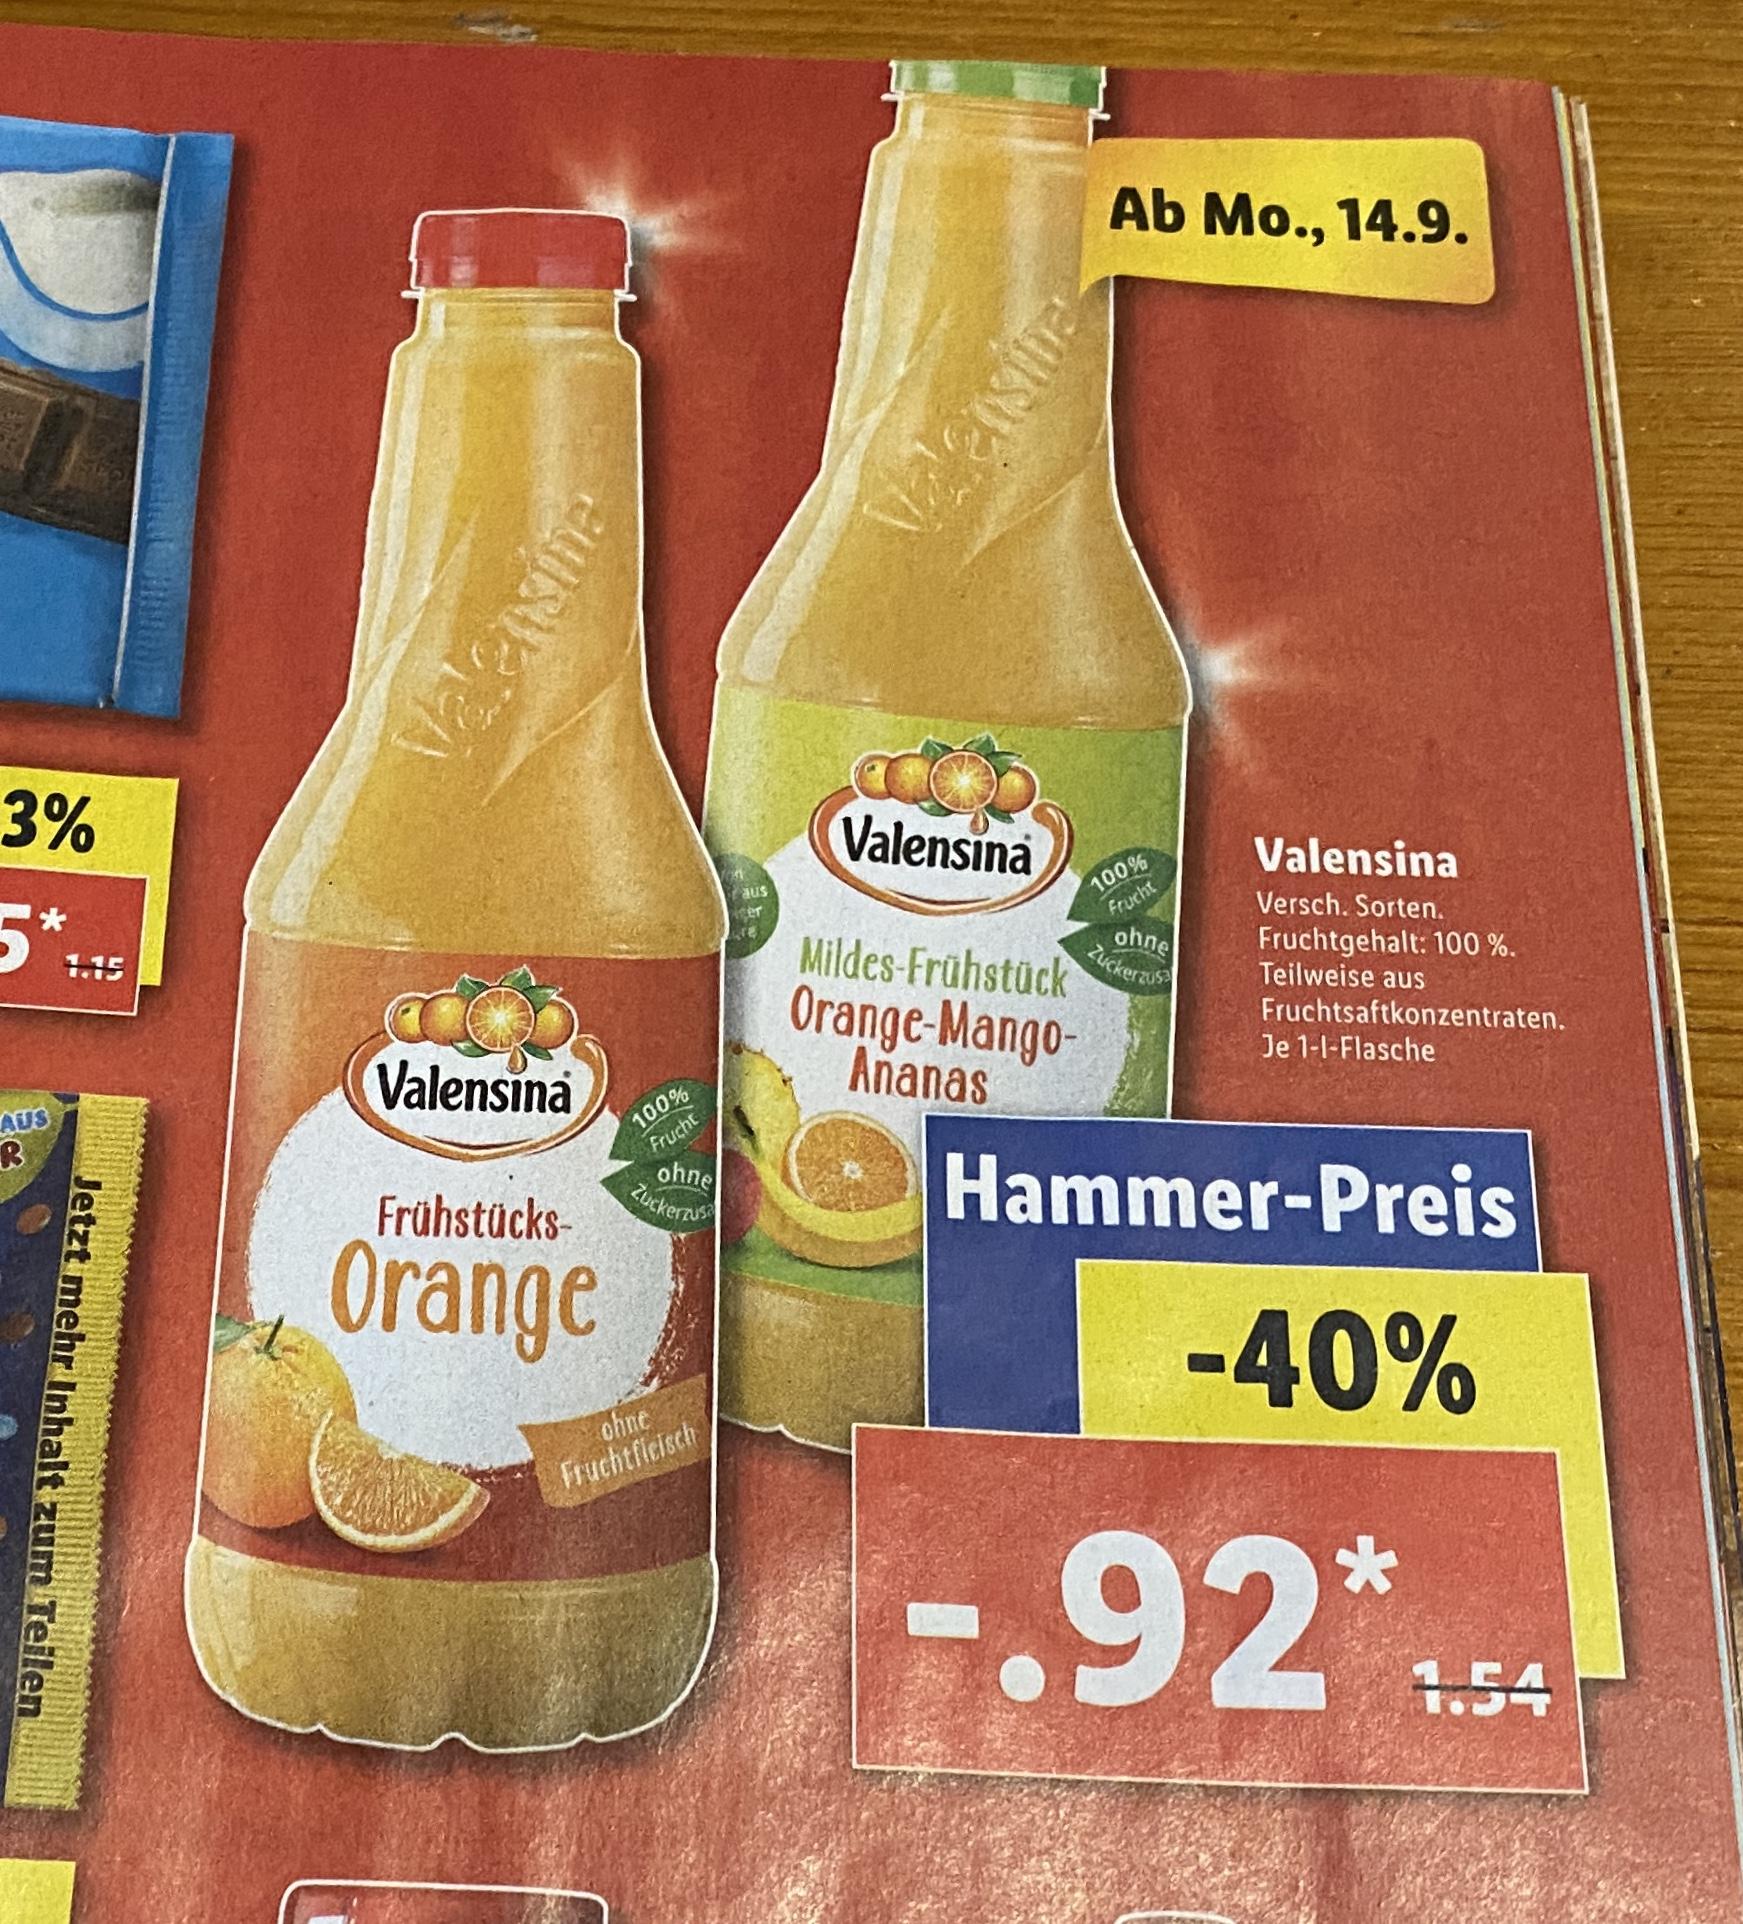 Lidl: Valensina Orangensaft und Orange-Mango-Ananas für 0,92€